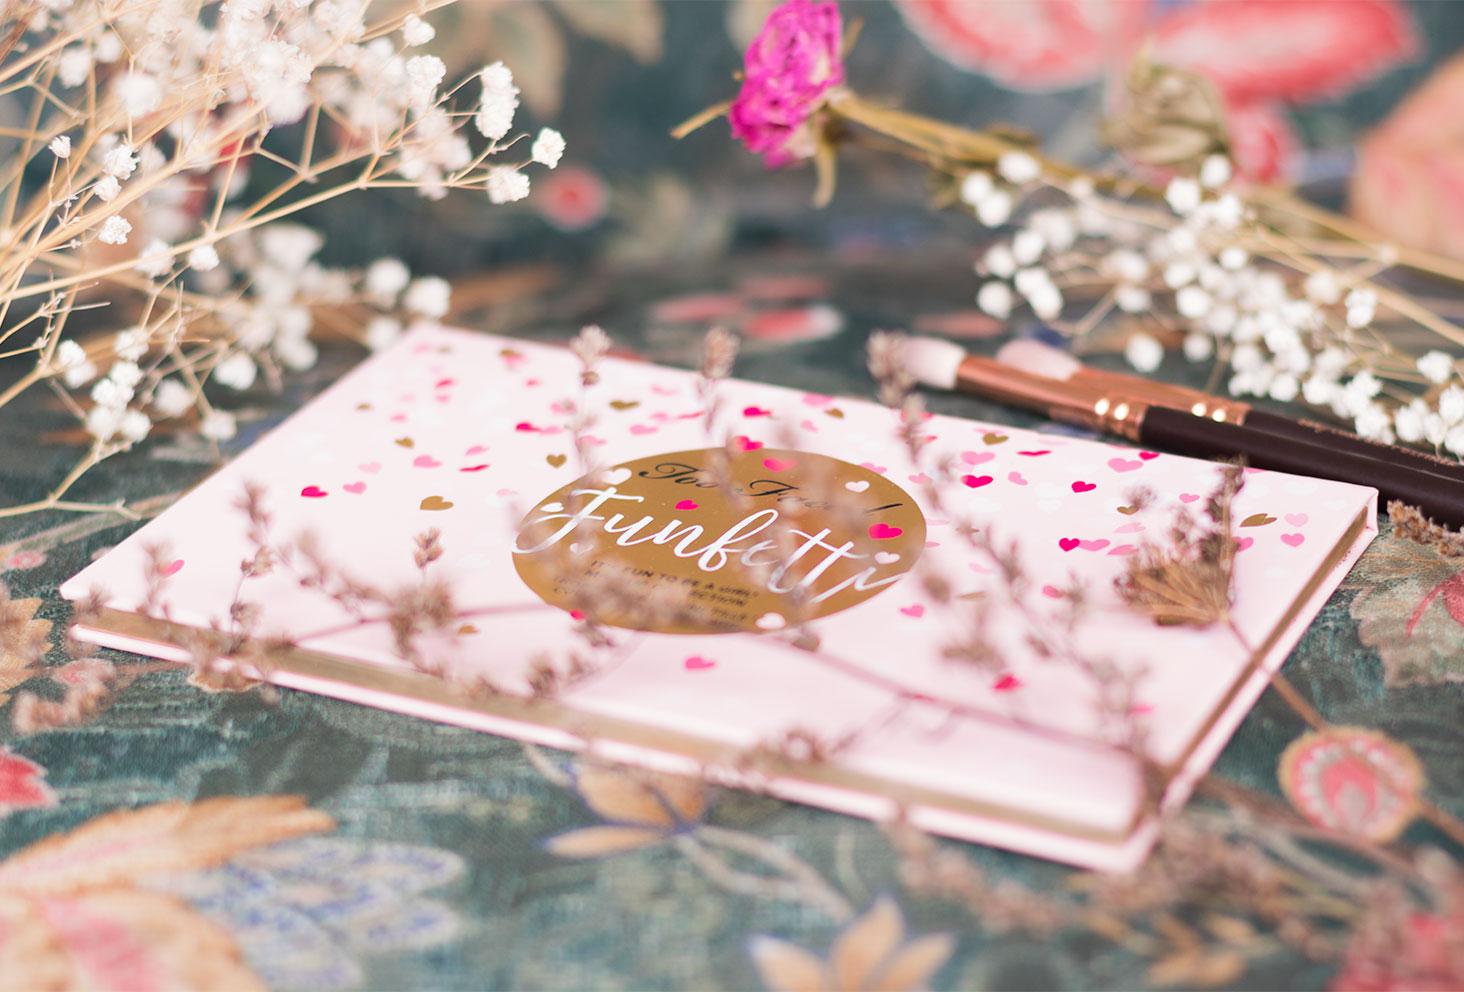 la palette Funfetti de Too Faced avec des pinceaux Zoeva cachés derrière les fleurs séchées